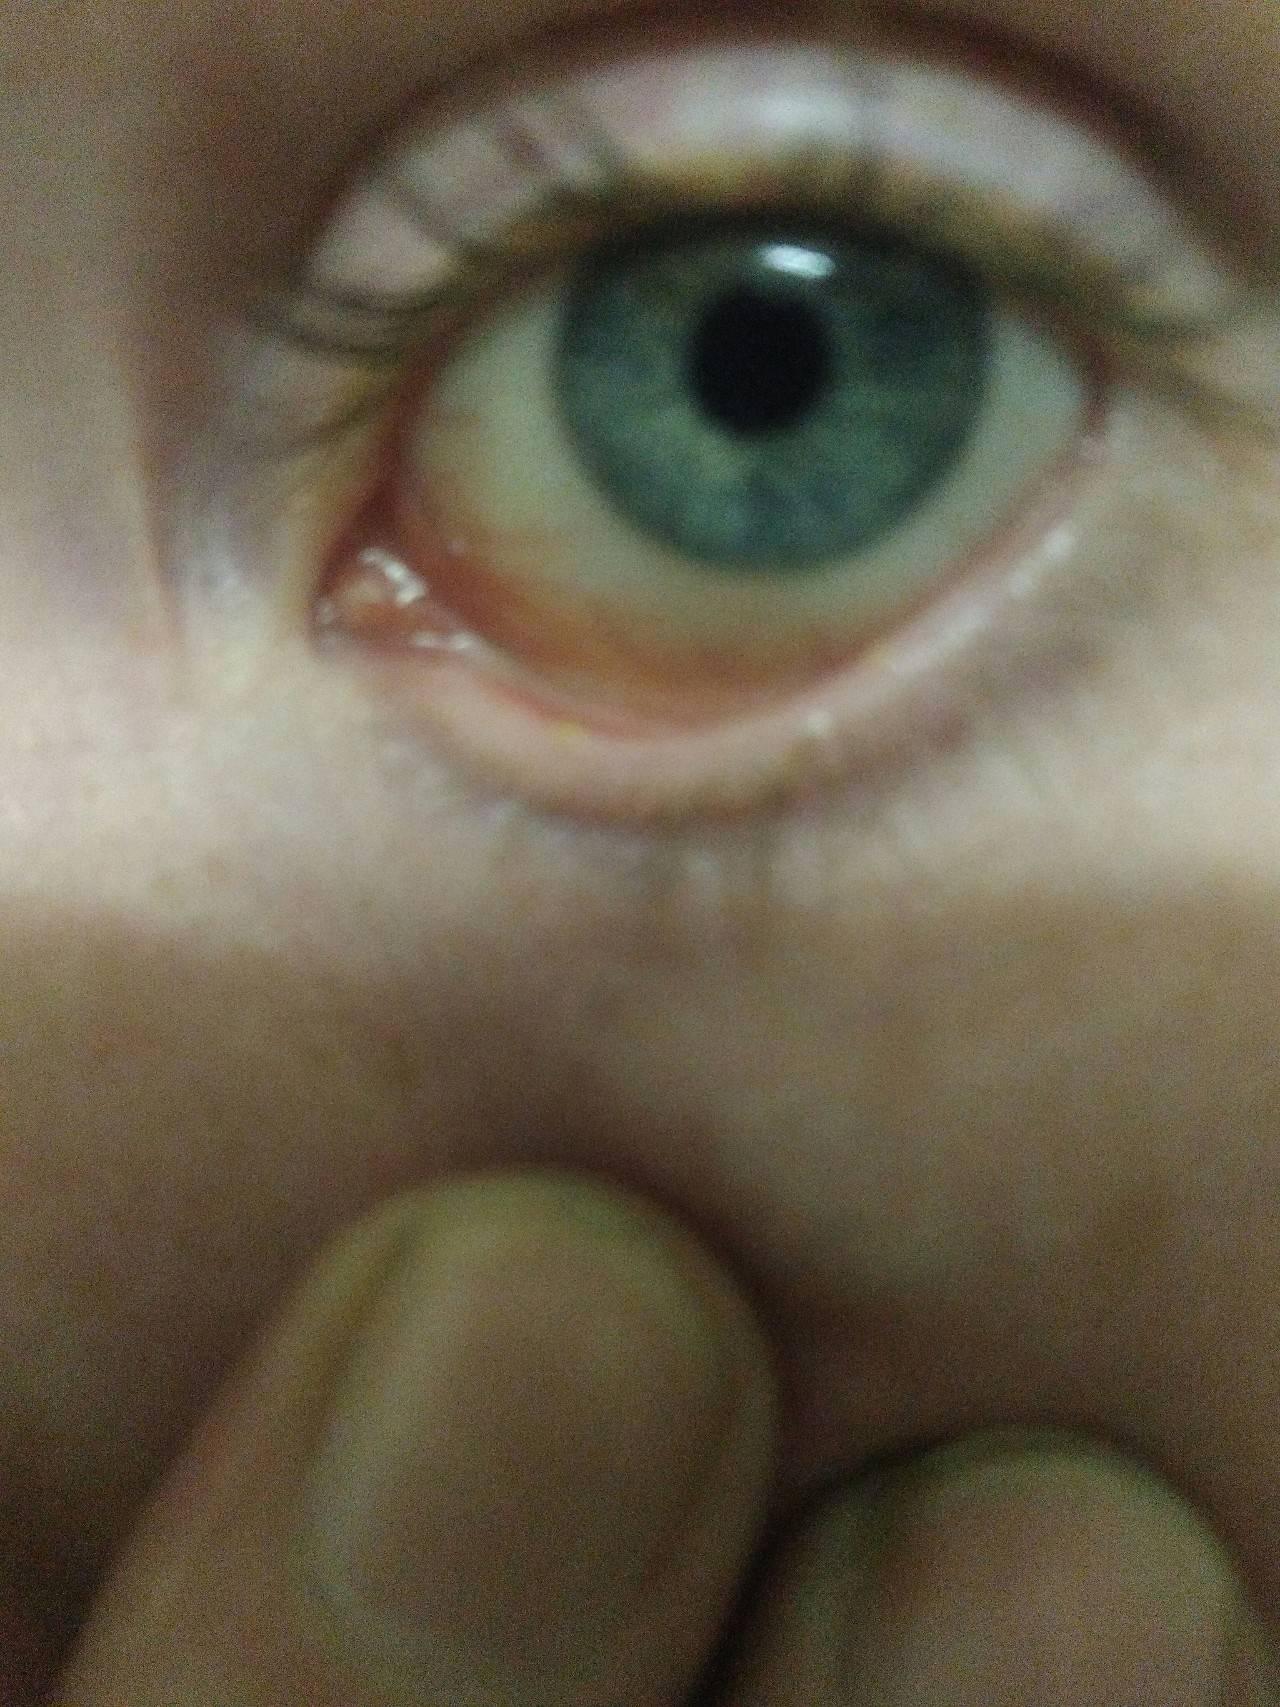 Внутри глаза вскочил прыщ: причины и лечение